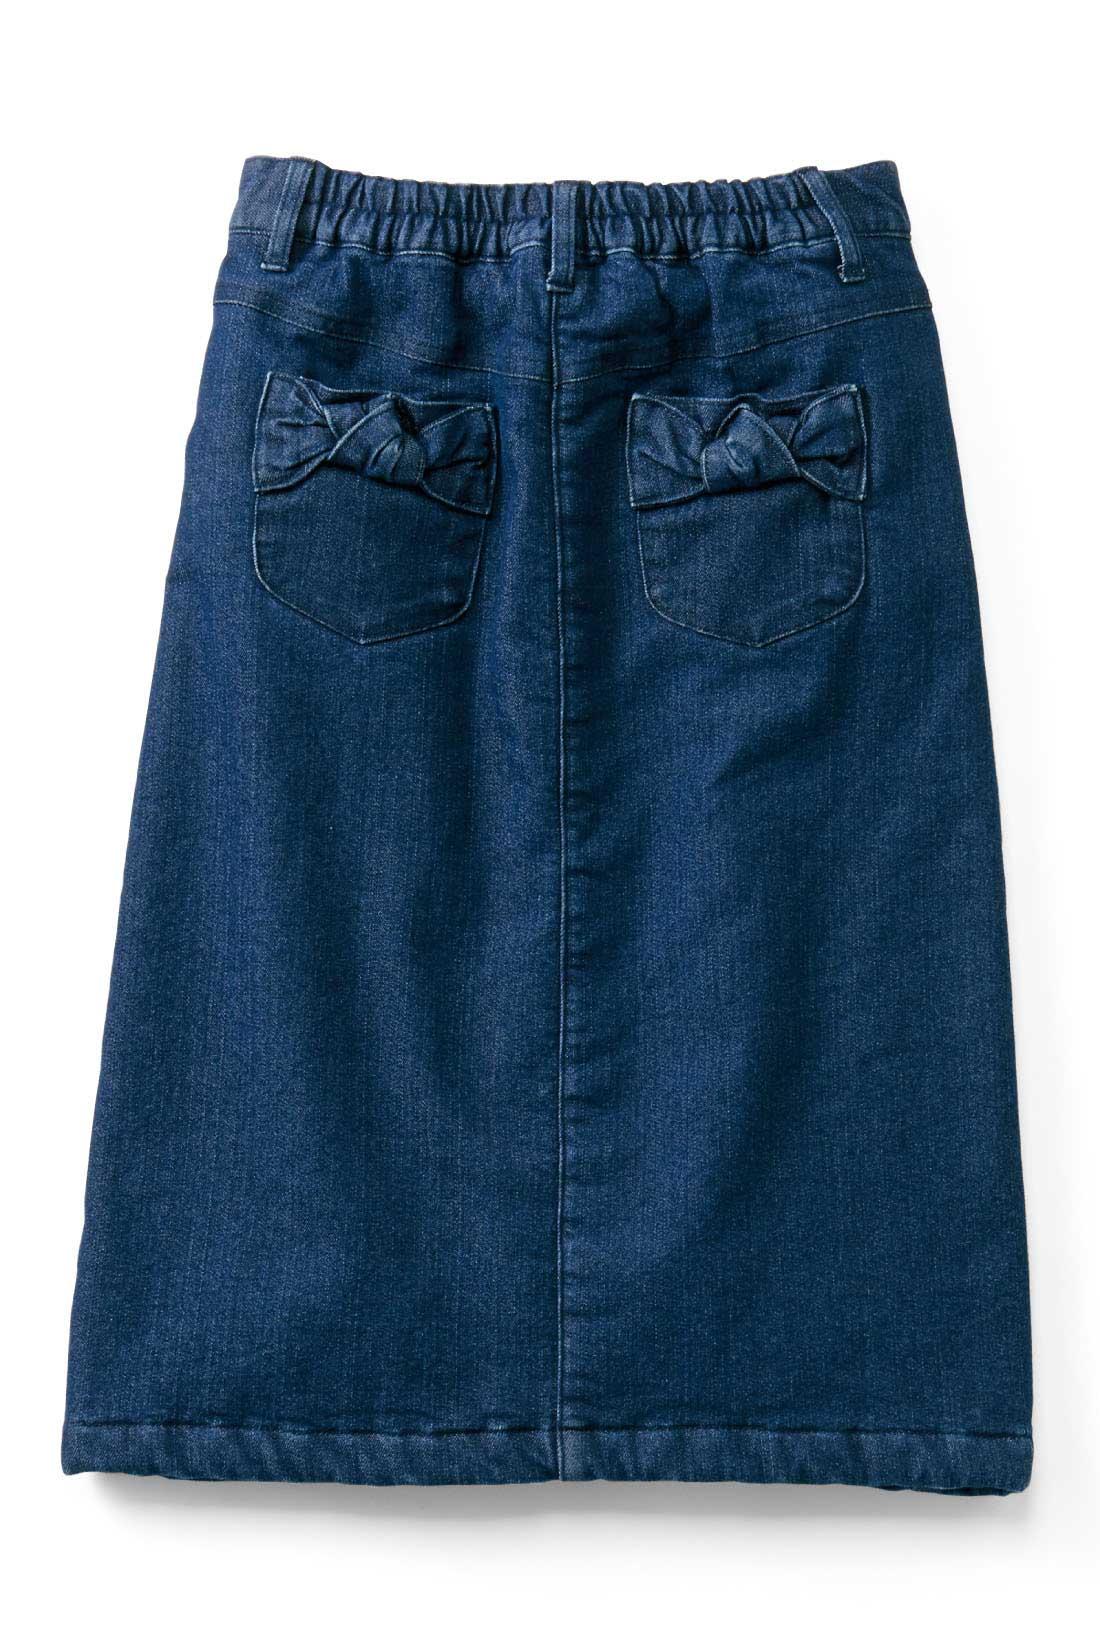 back リボンデザインの後ろポケットがかわいいアクセント。